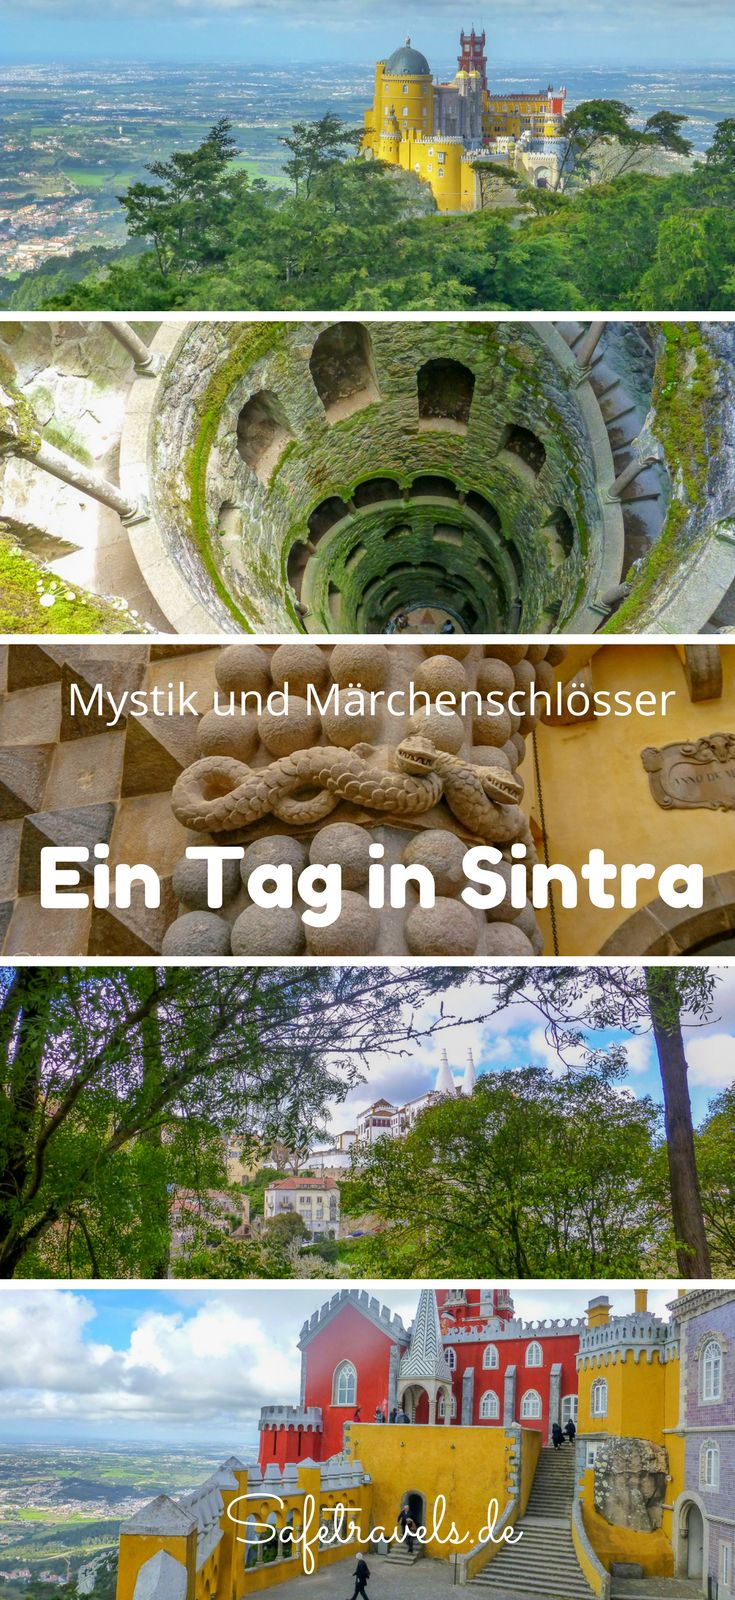 Mystik und Märchenschlösser – Ein Tag in Sintra – Sabine P.